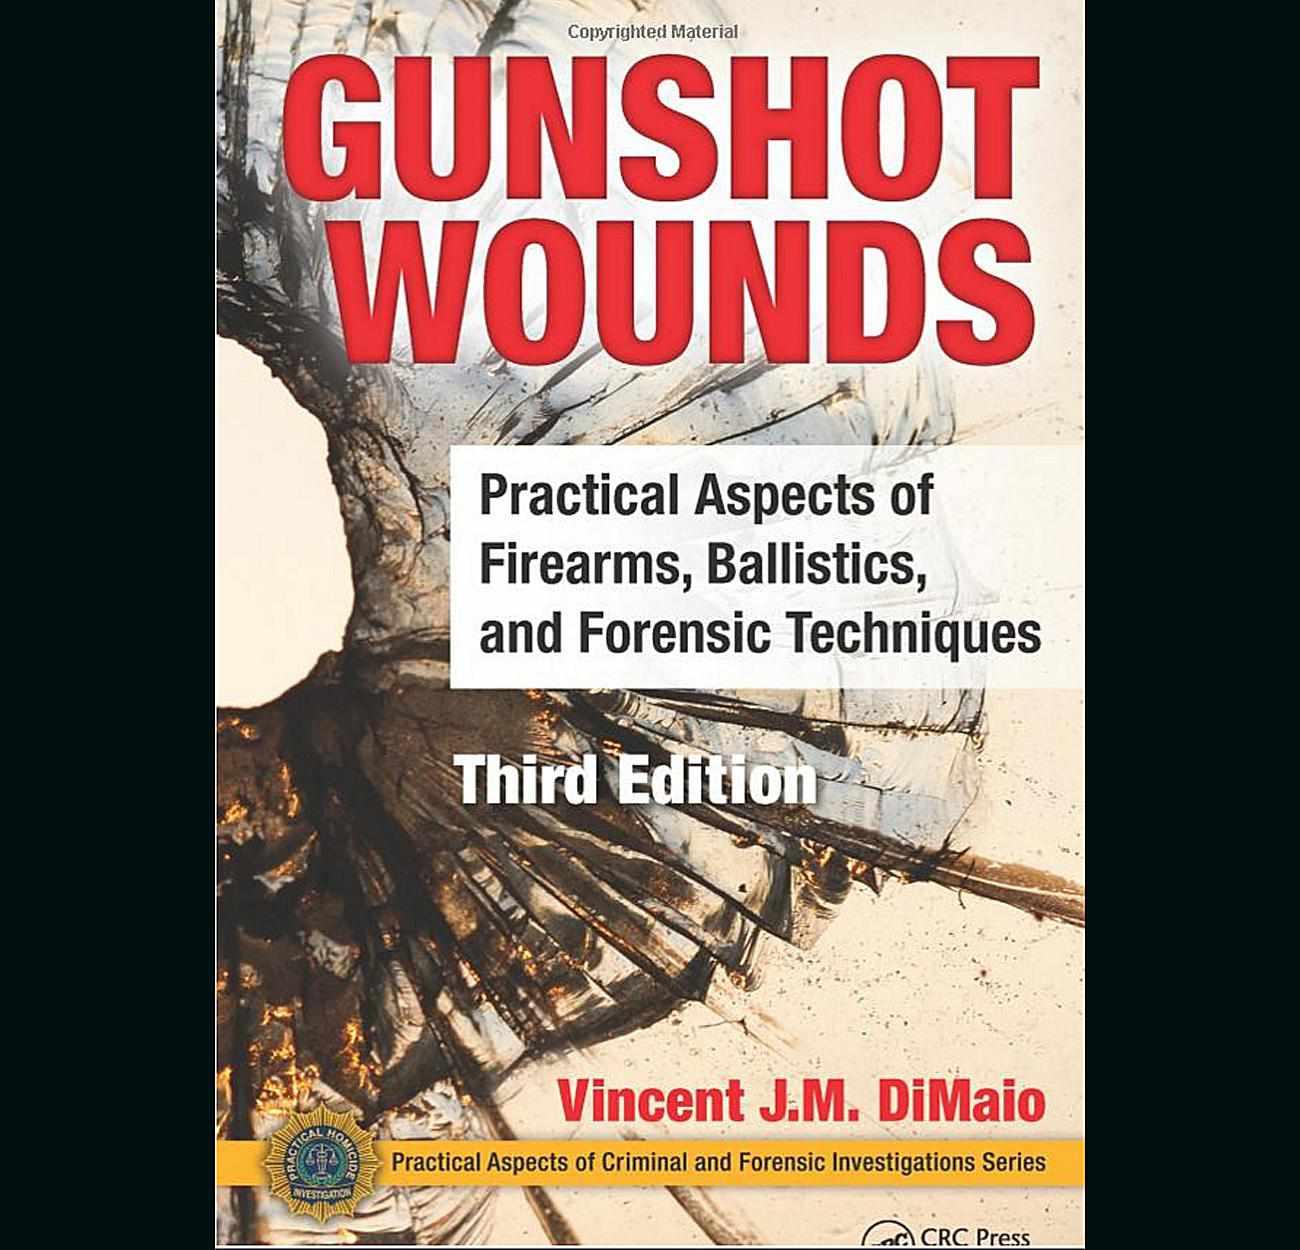 Τραύματα από πυροβολισμούς